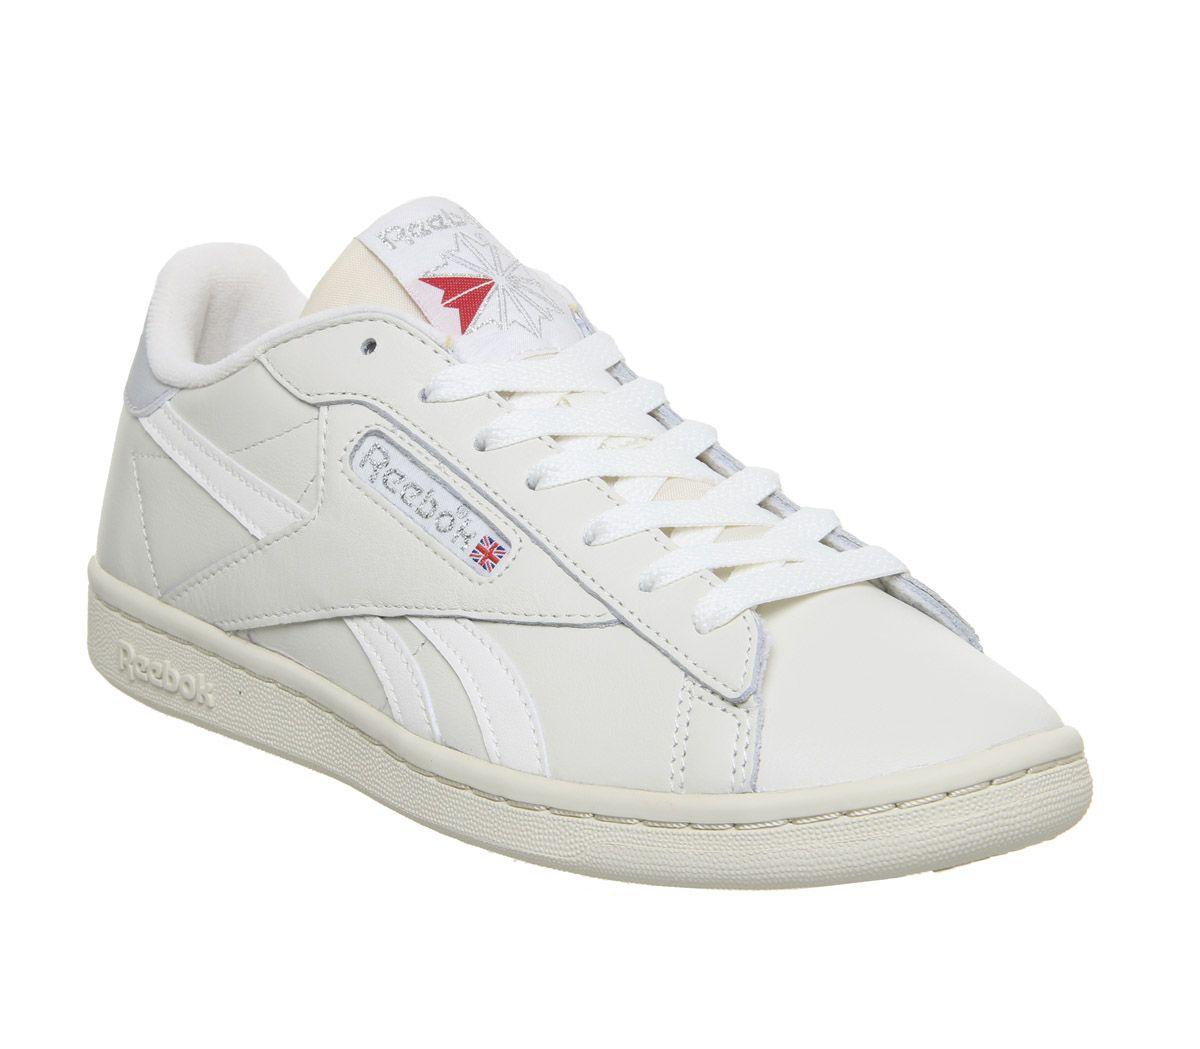 Details zu Damen Reebok Npc UK Turnschuhe Kreide Papier Weiß Grau Turnschuhe